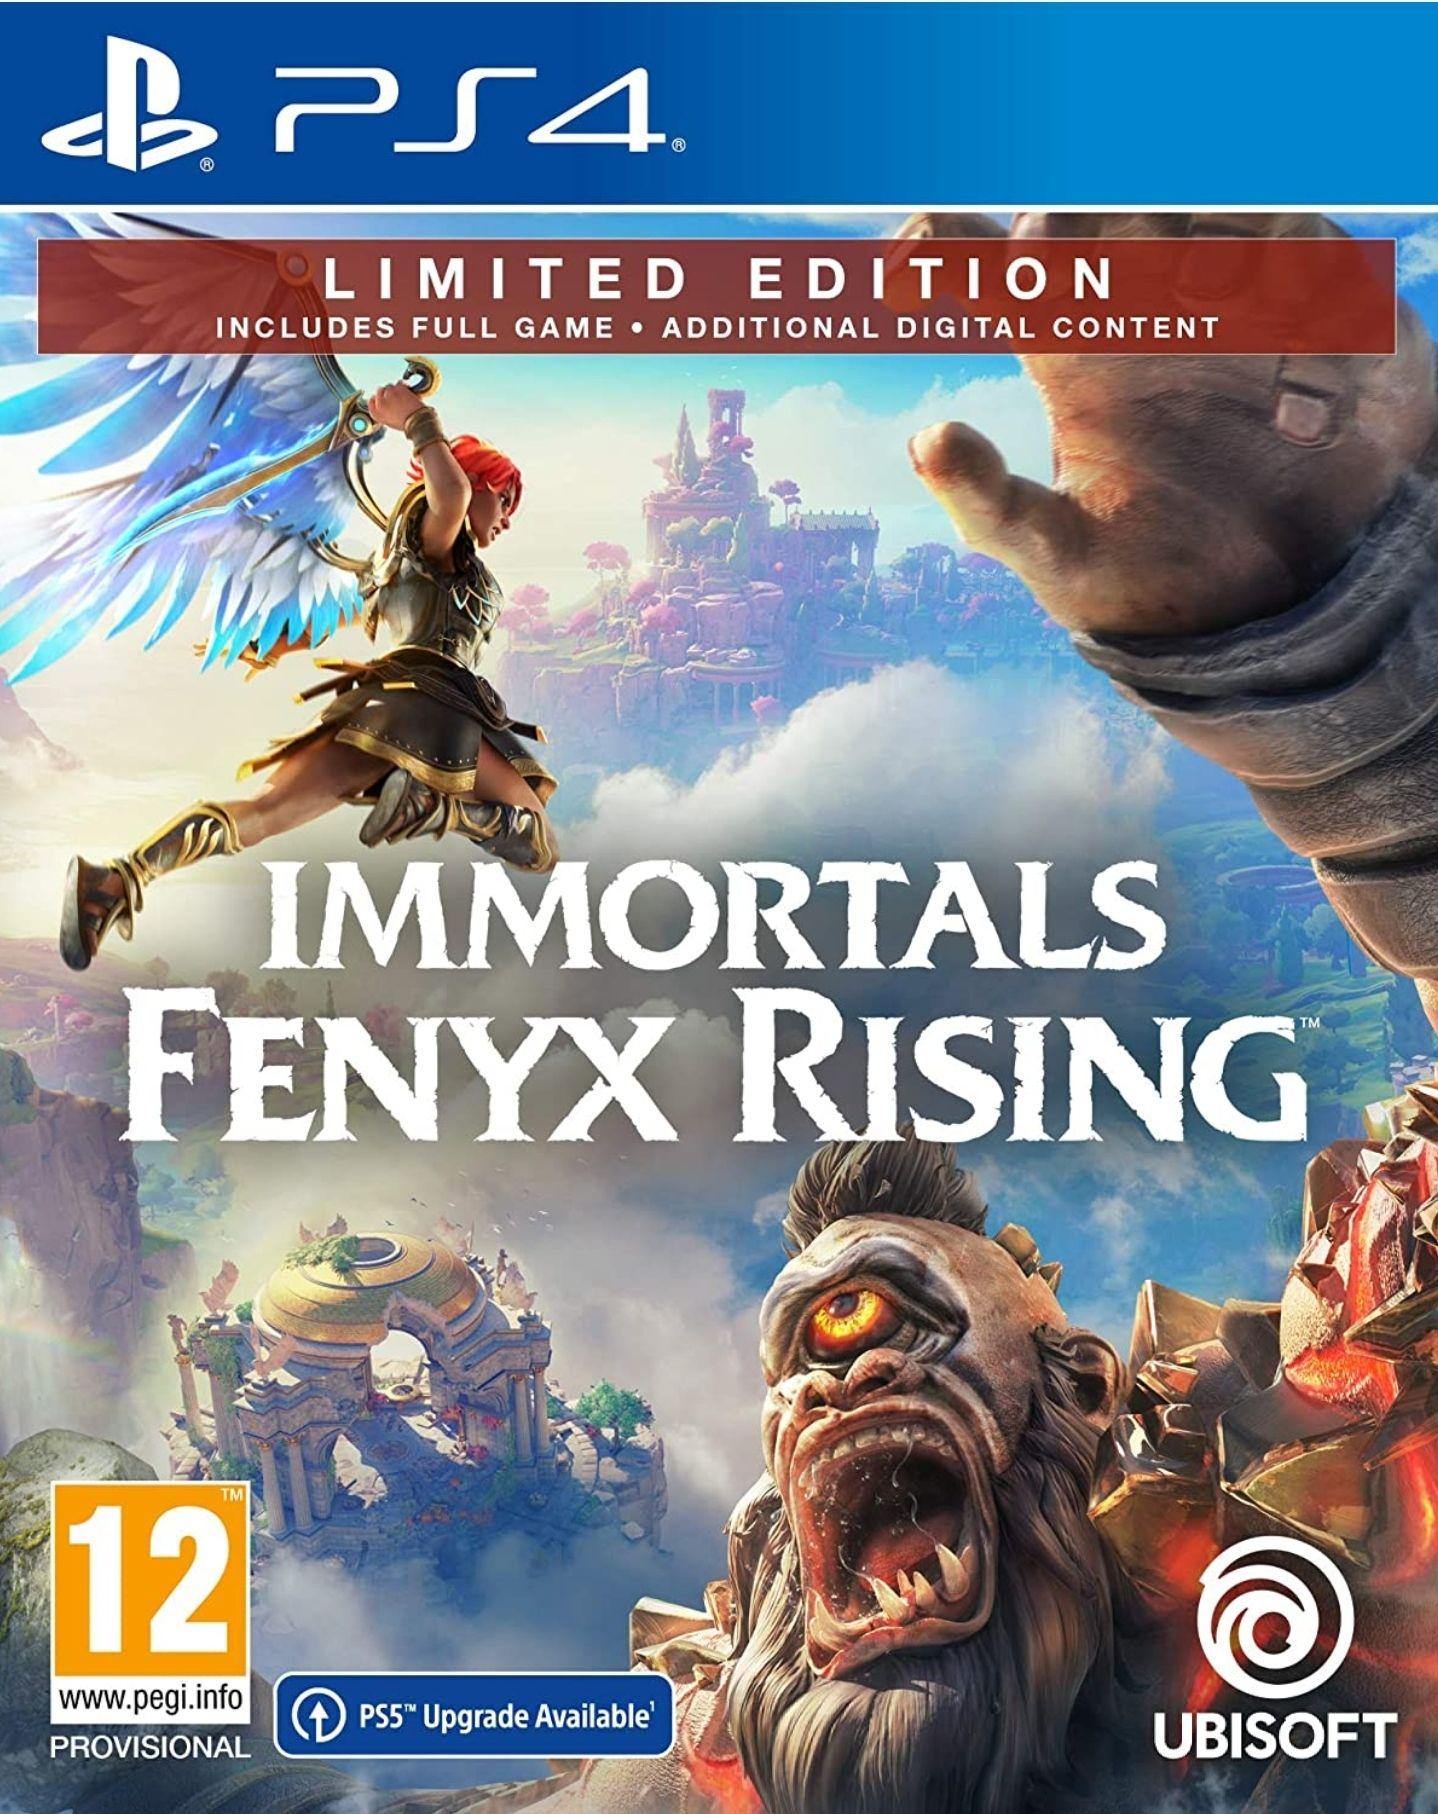 Immortals Fenyx Rising Limited Edition sur PS4/XBOX ONE (Mise à niveau PS5/XSX inclus)